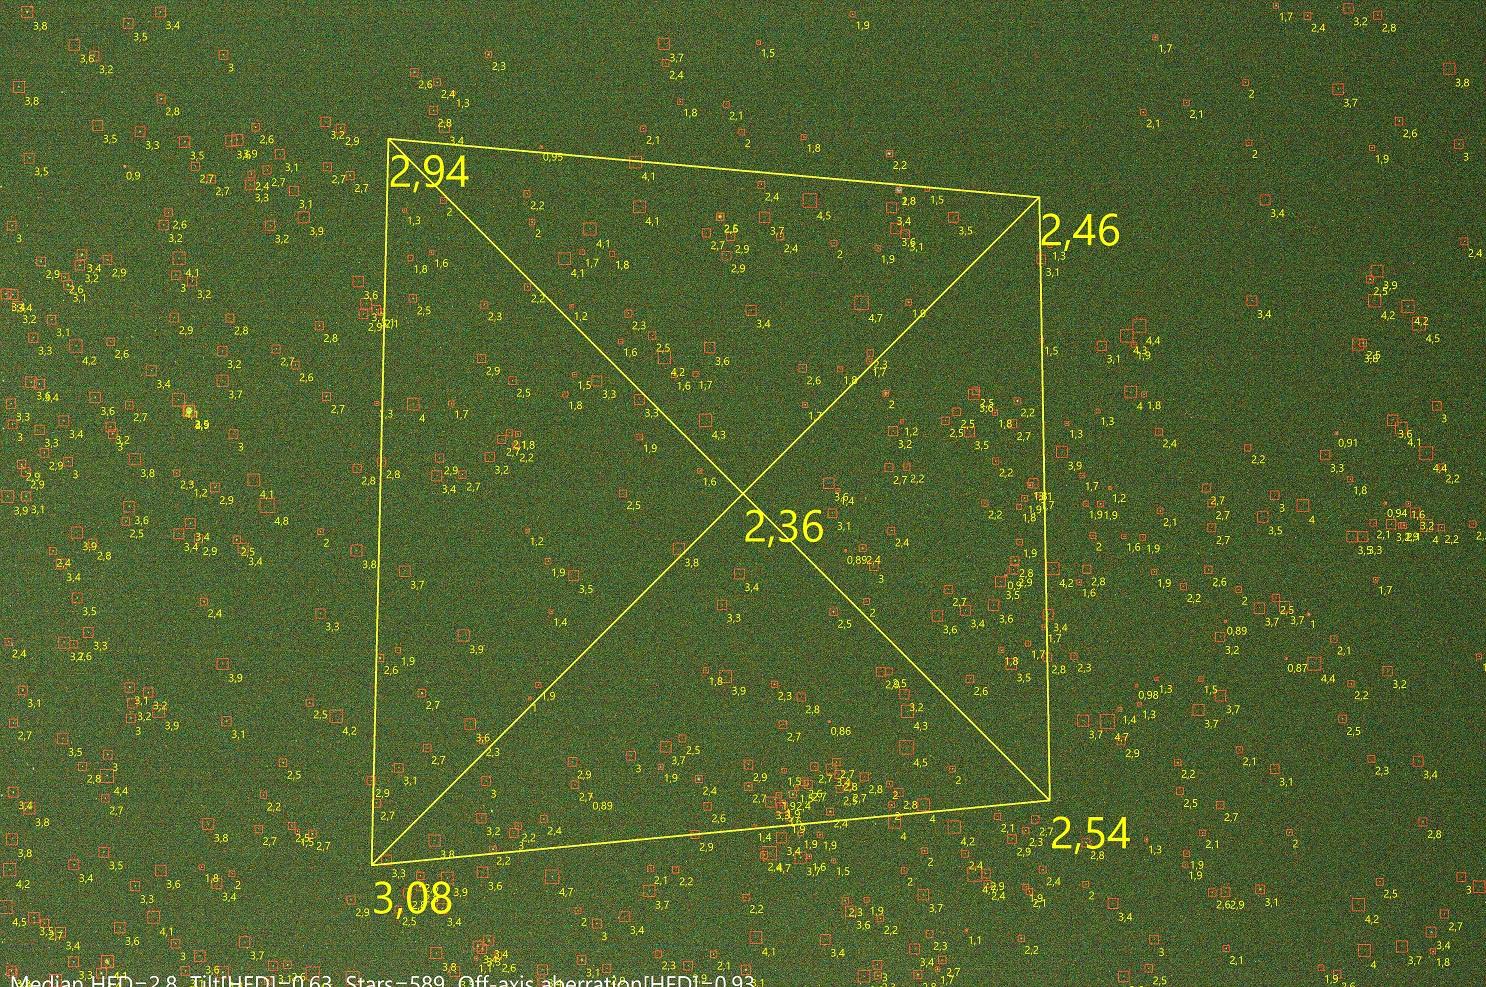 test_ircut_00000_fit.jpg.8449869cb7b549ed37290d049bbaa0ba.jpg